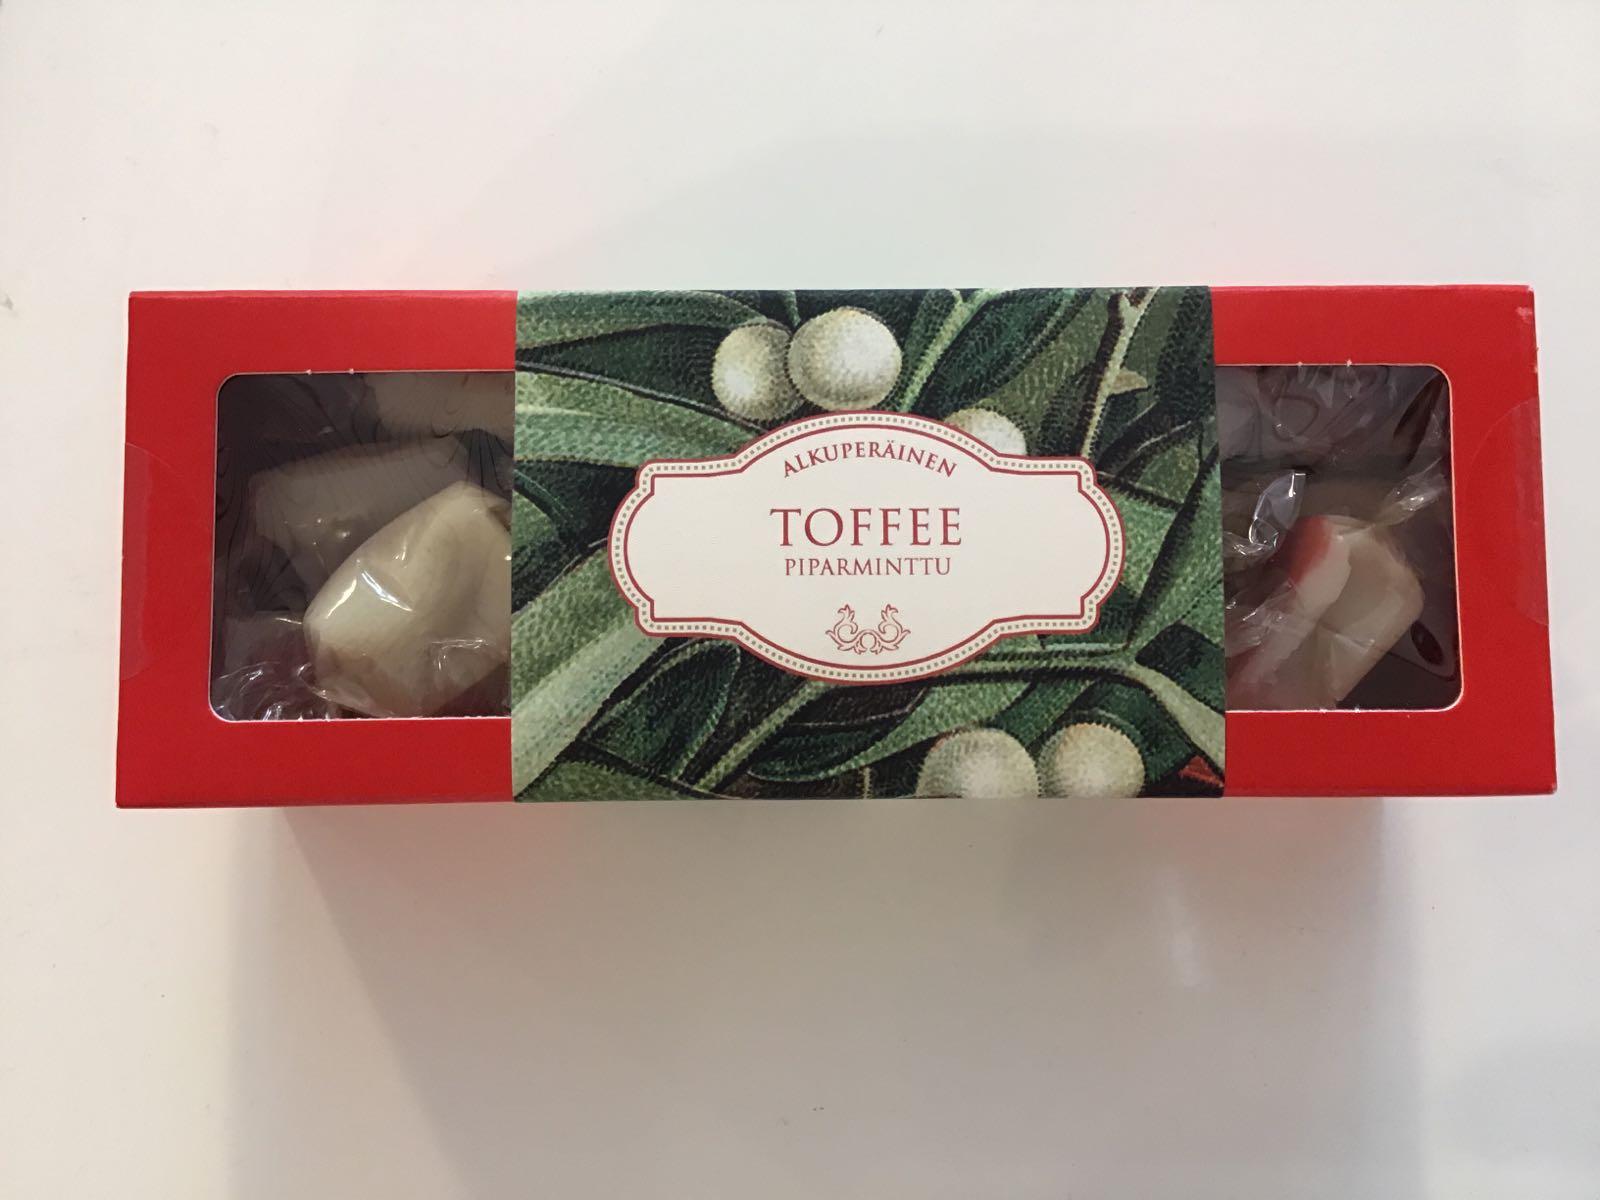 TOFFEE,piparminttu